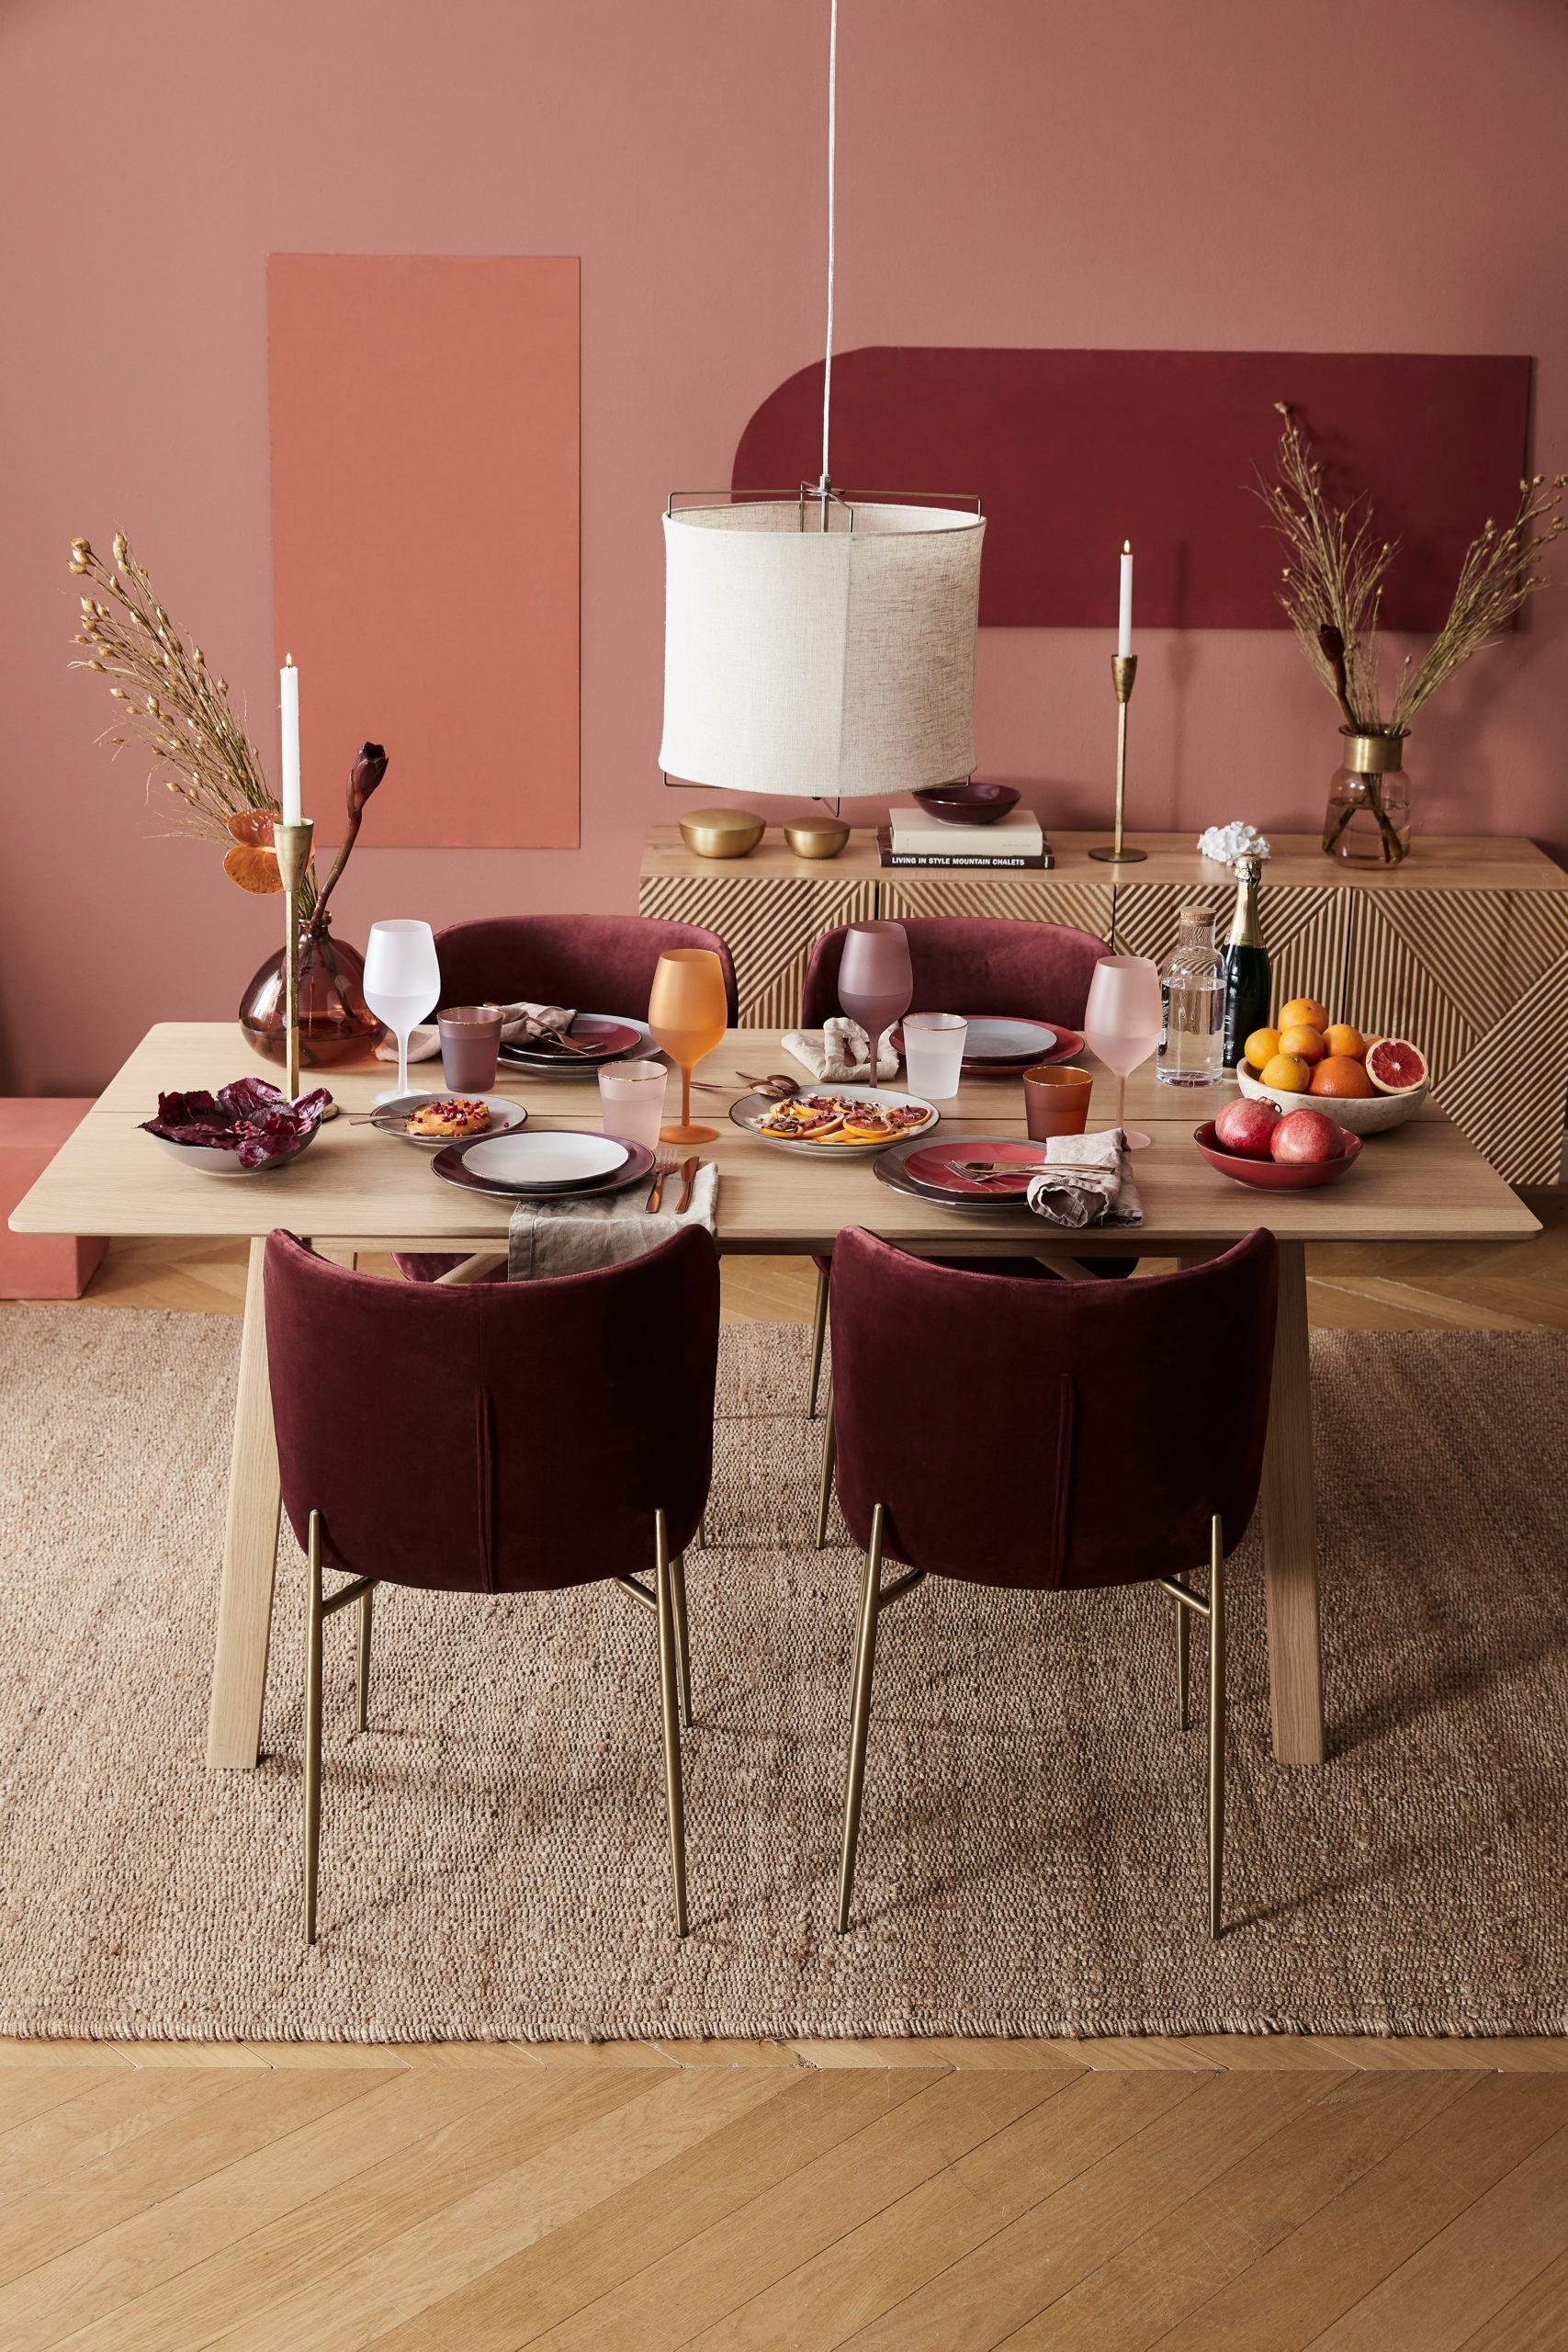 Kleurenkaart terracotta kleur wand en stoelen aan eettafel met jute vloerkleed